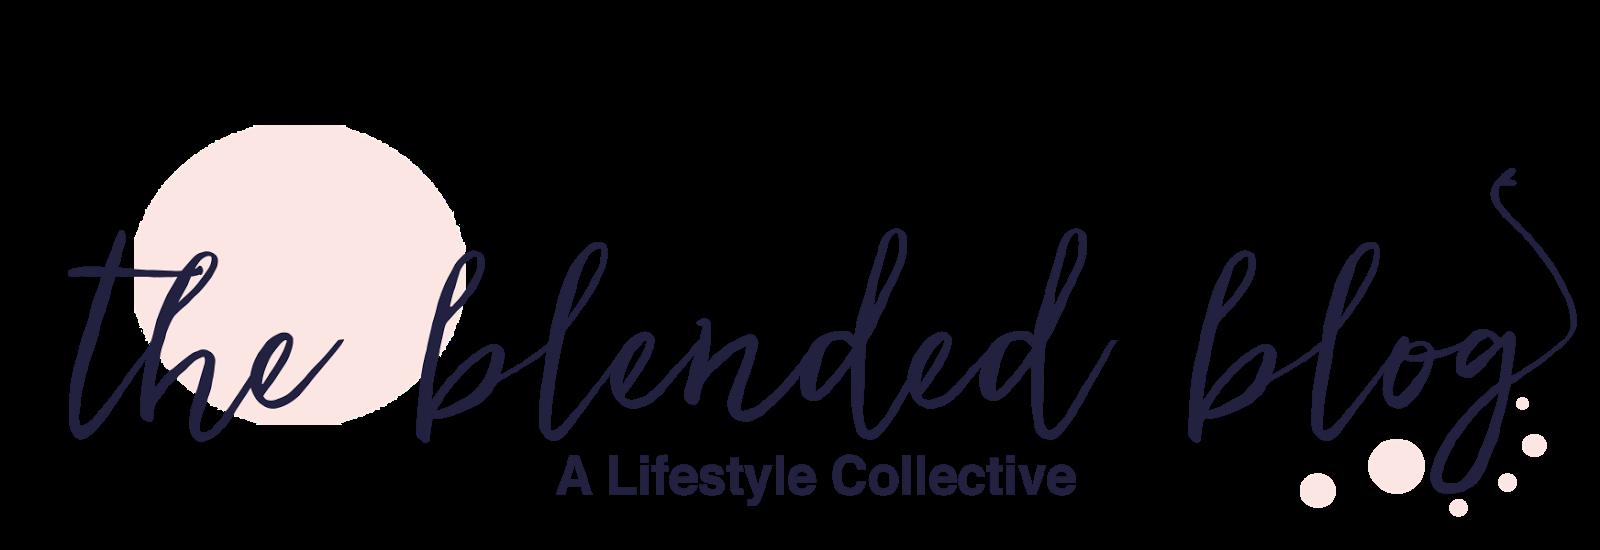 The Blended Blog TEst